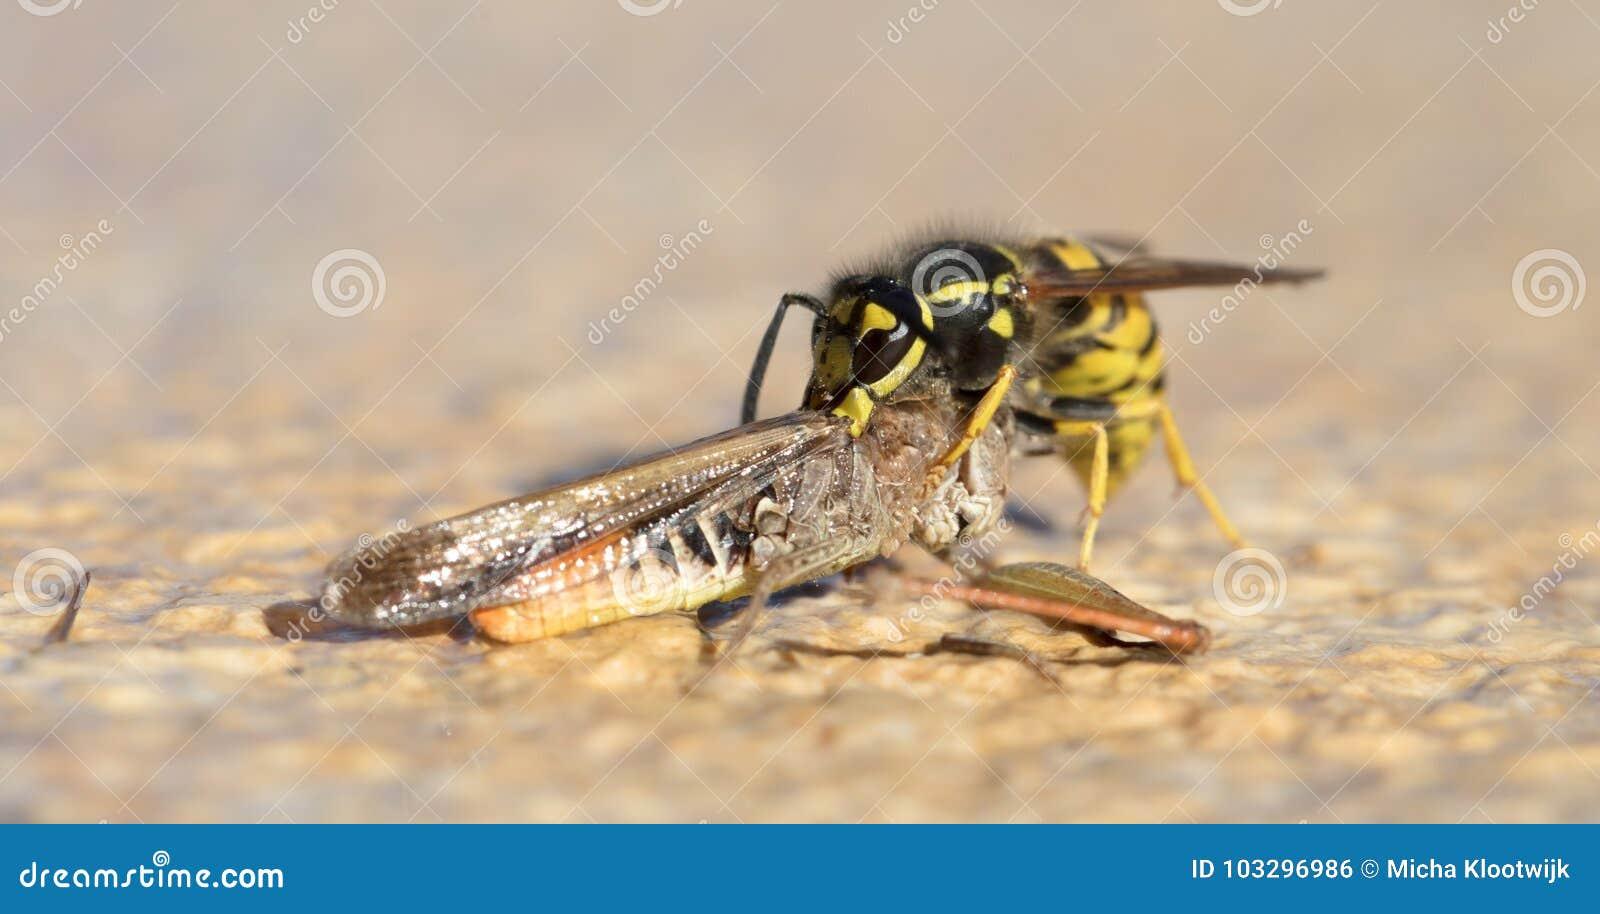 Κοπή σφηκών ενός grasshoppers κεφαλιού